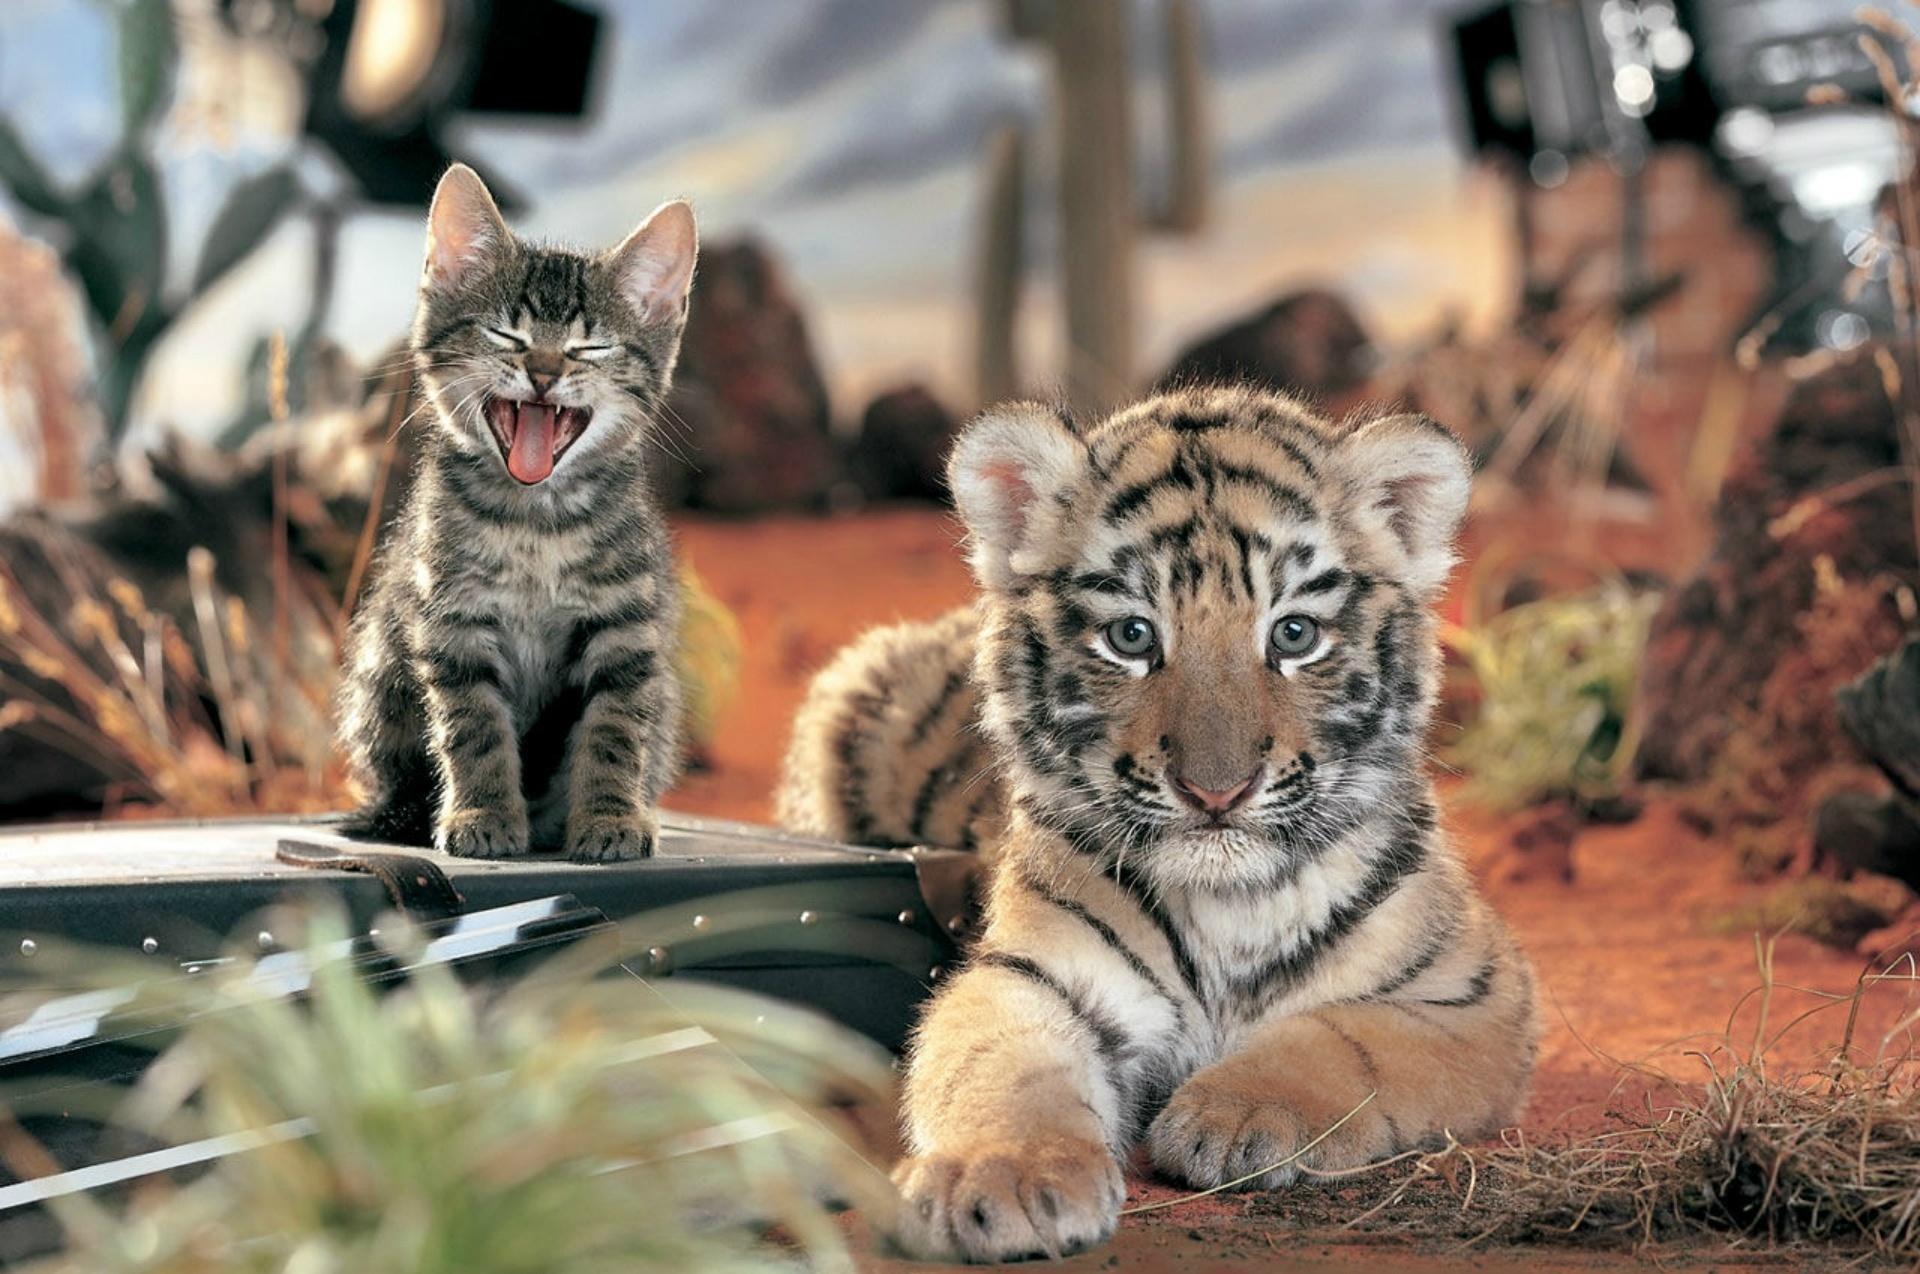 фото, тигренок, природа, креатив, котенок, кошки